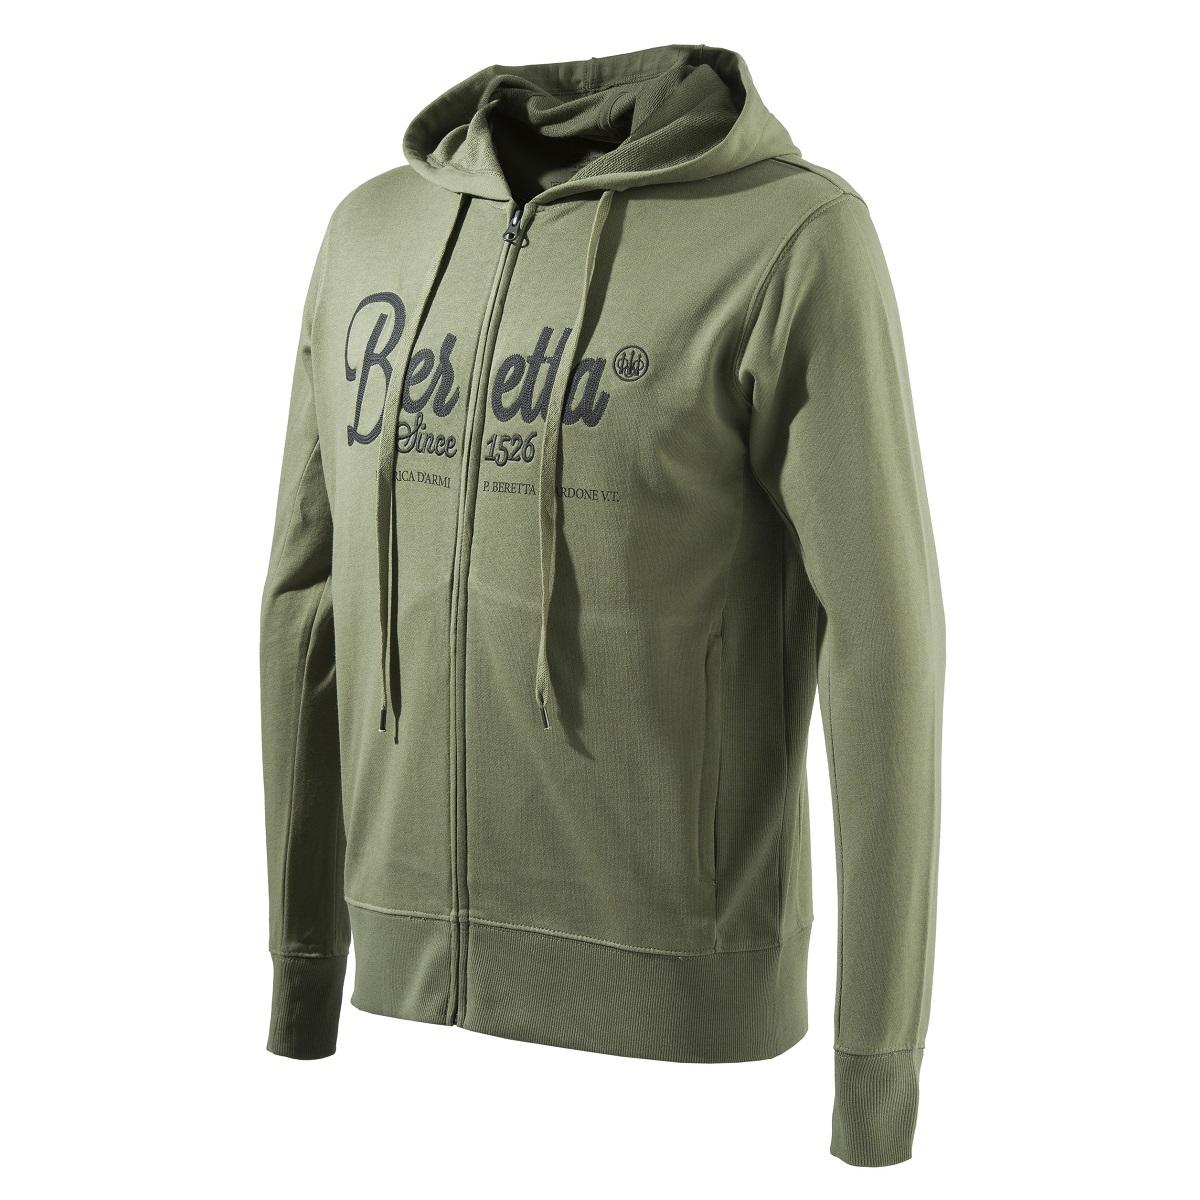 Beretta Corporate Sweatshirt